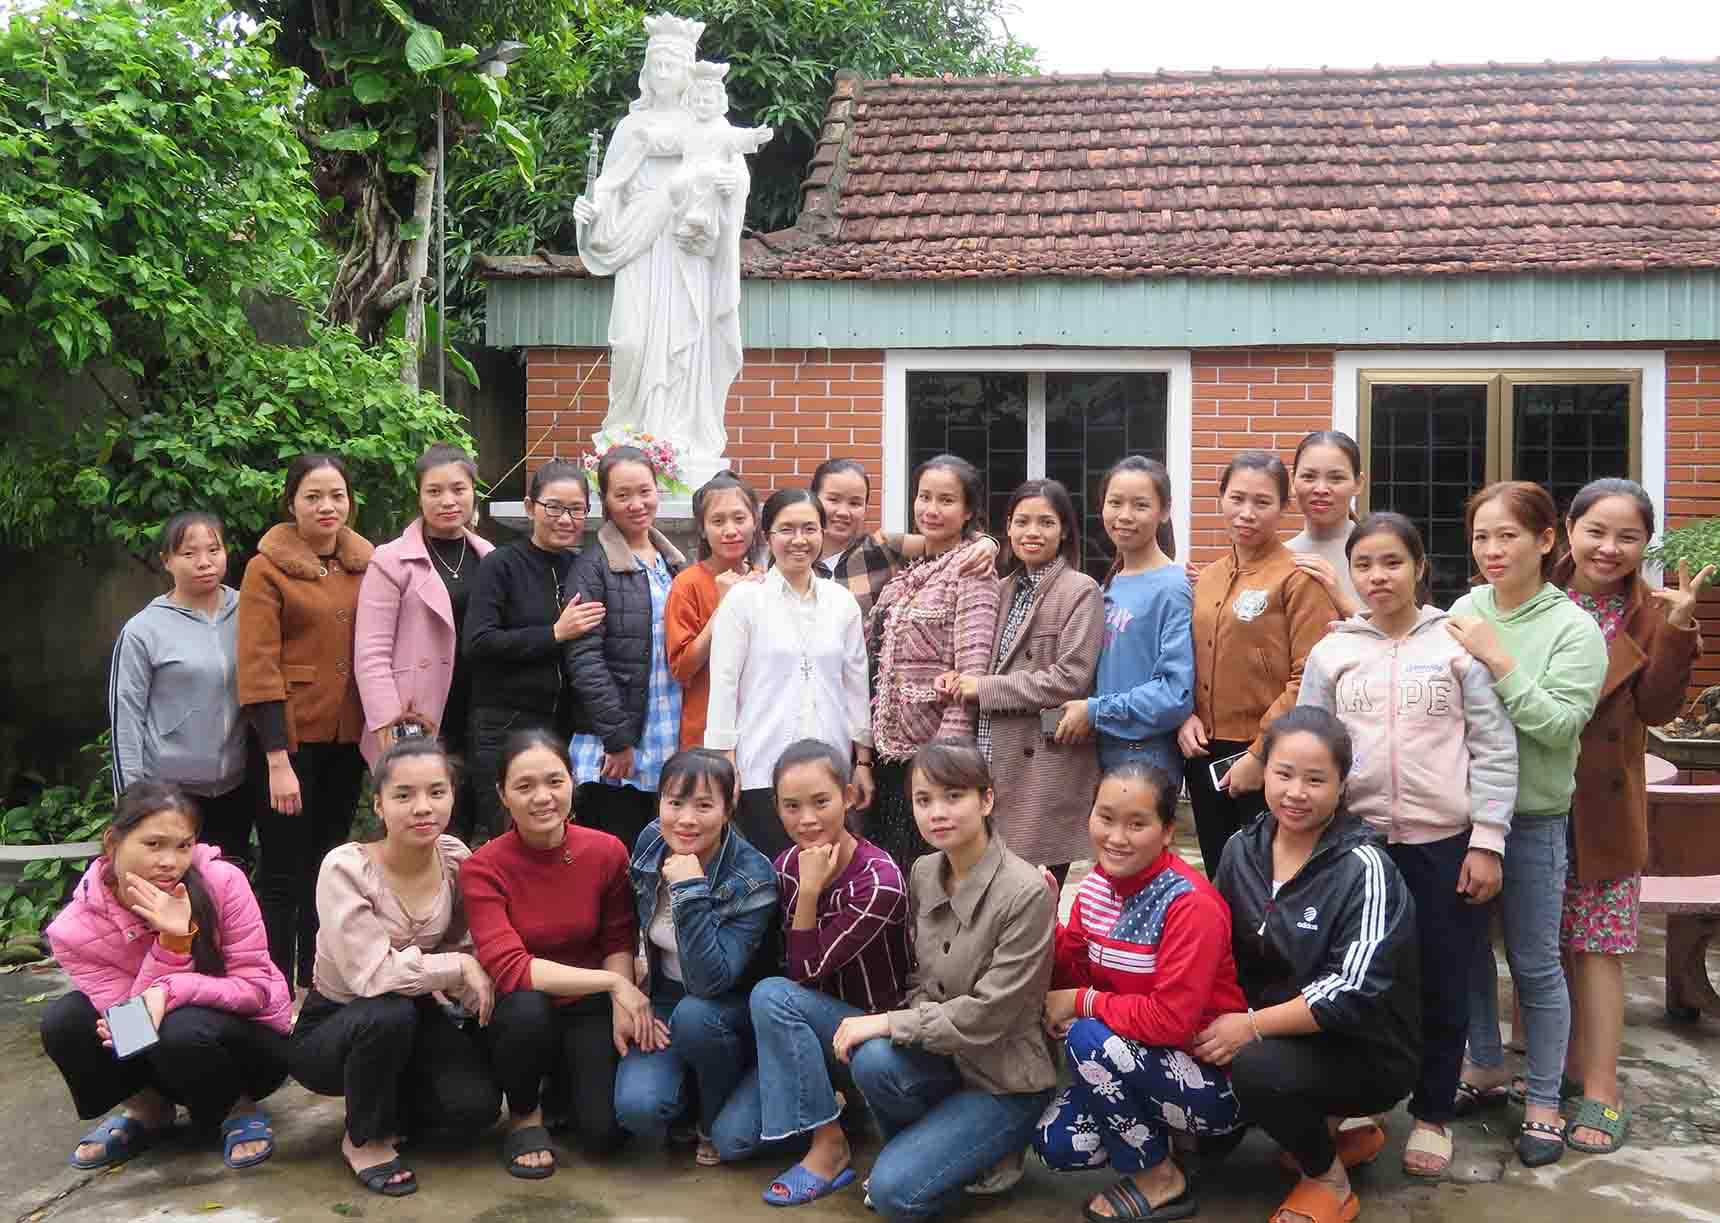 Họp mặt mừng ngày phụ nữ Việt Nam 20.10.2020 - FMA Tổng lãnh Thiên Thần